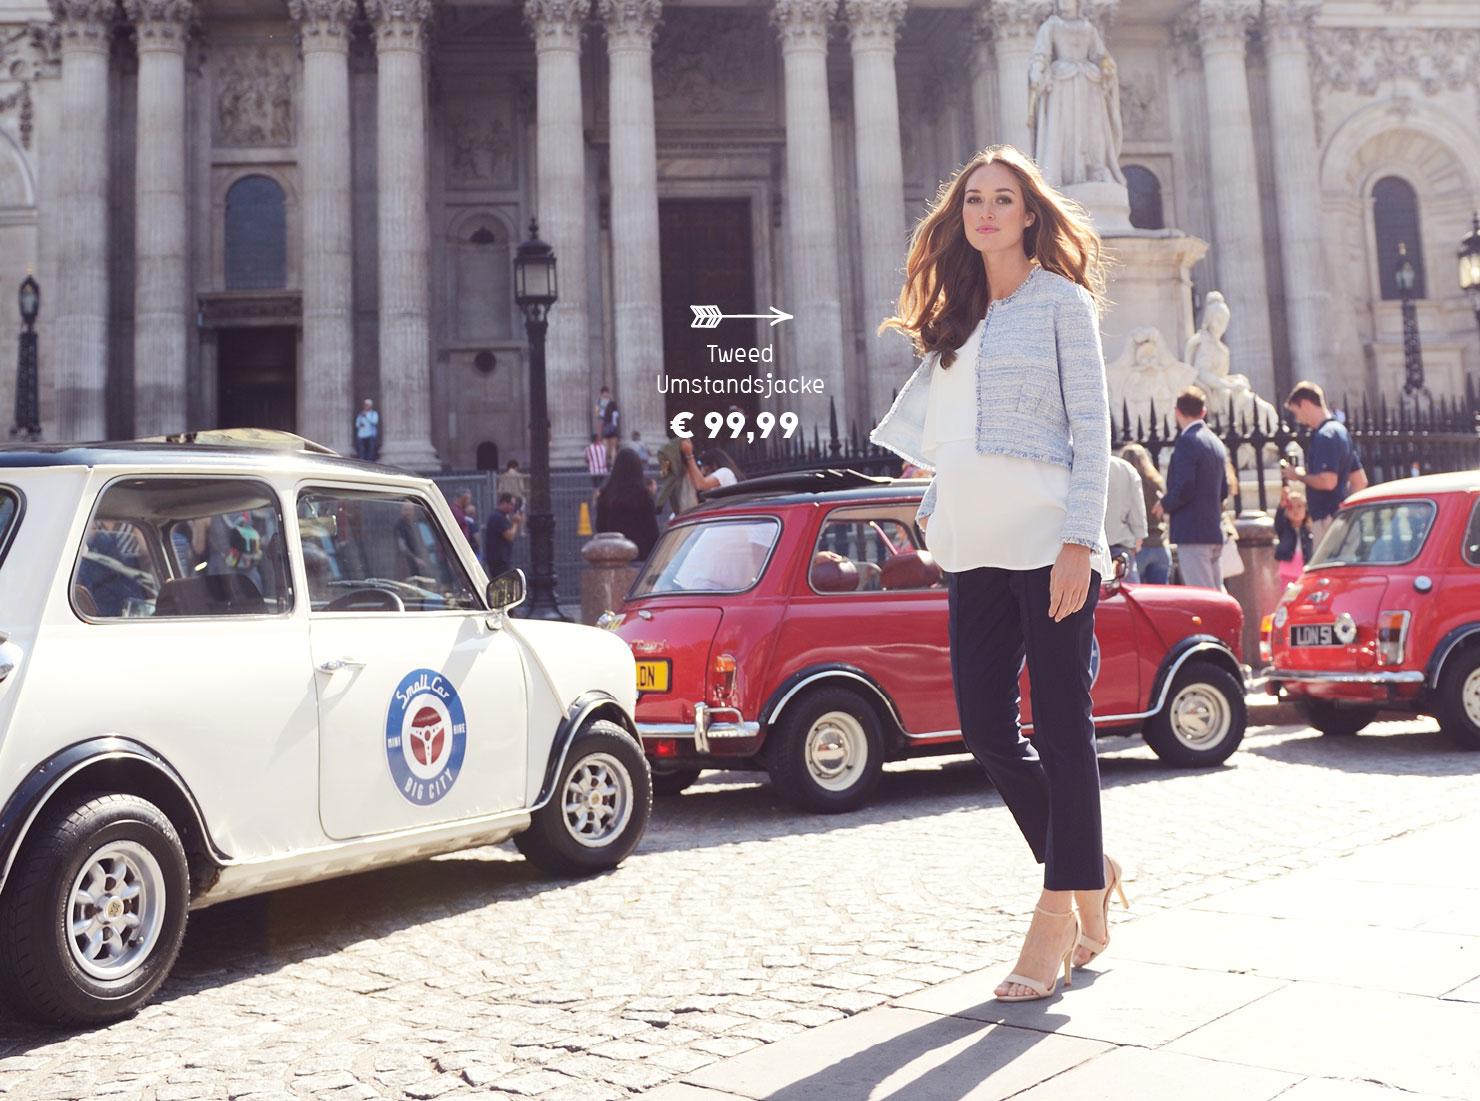 Umstandsmode stylisch und praktisch: Umstandsjacke aus Tweed